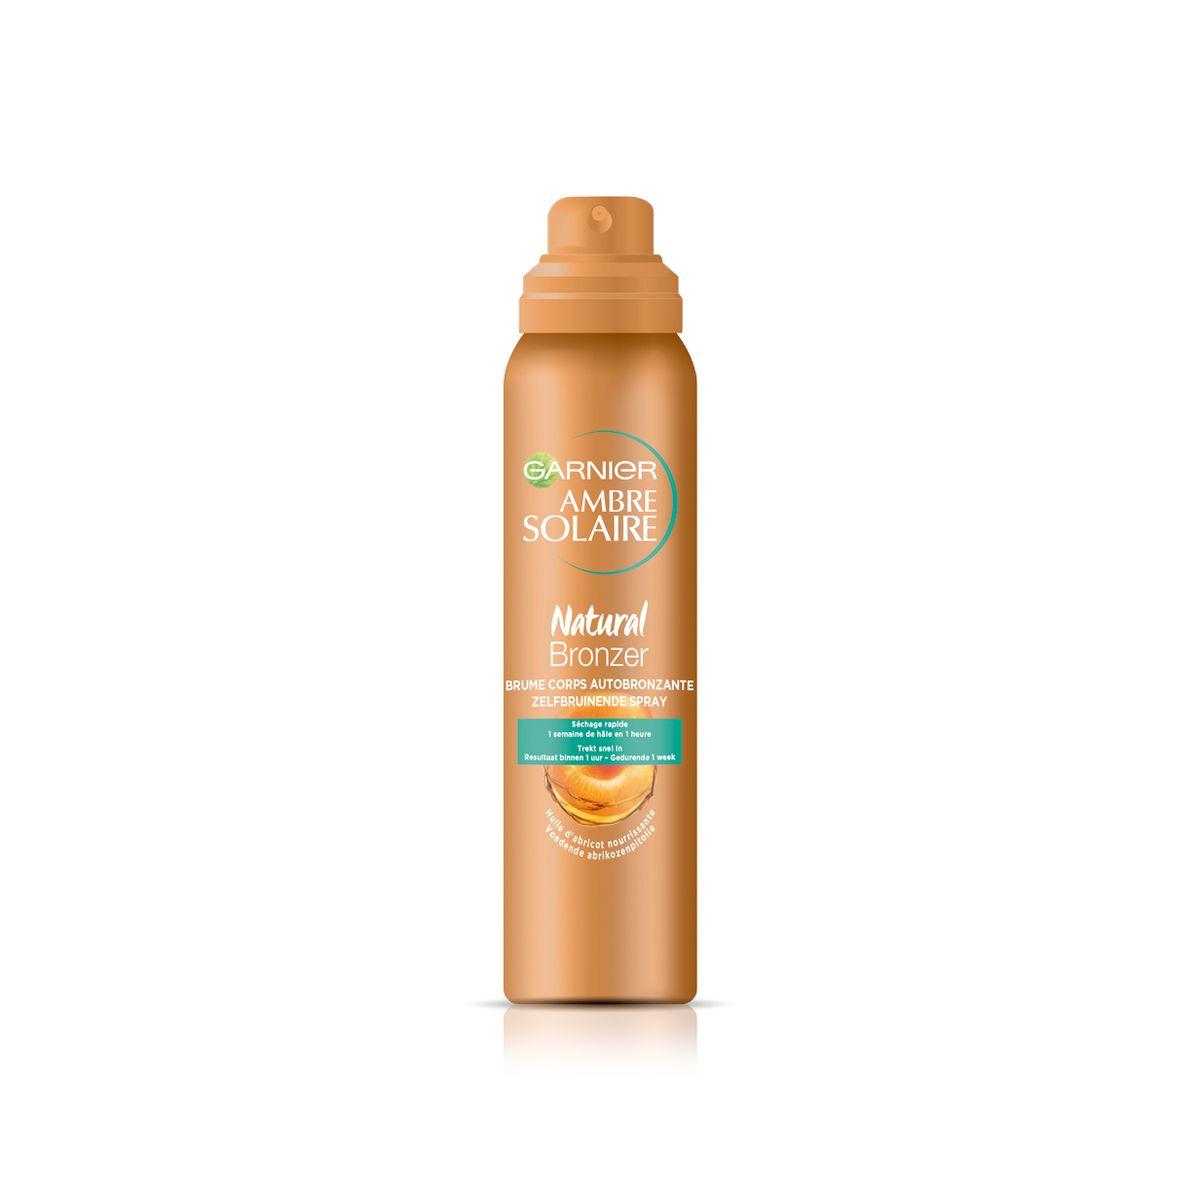 Garnier Ambre Solaire brume bronzante visage & corps huile d'abricot 150ml